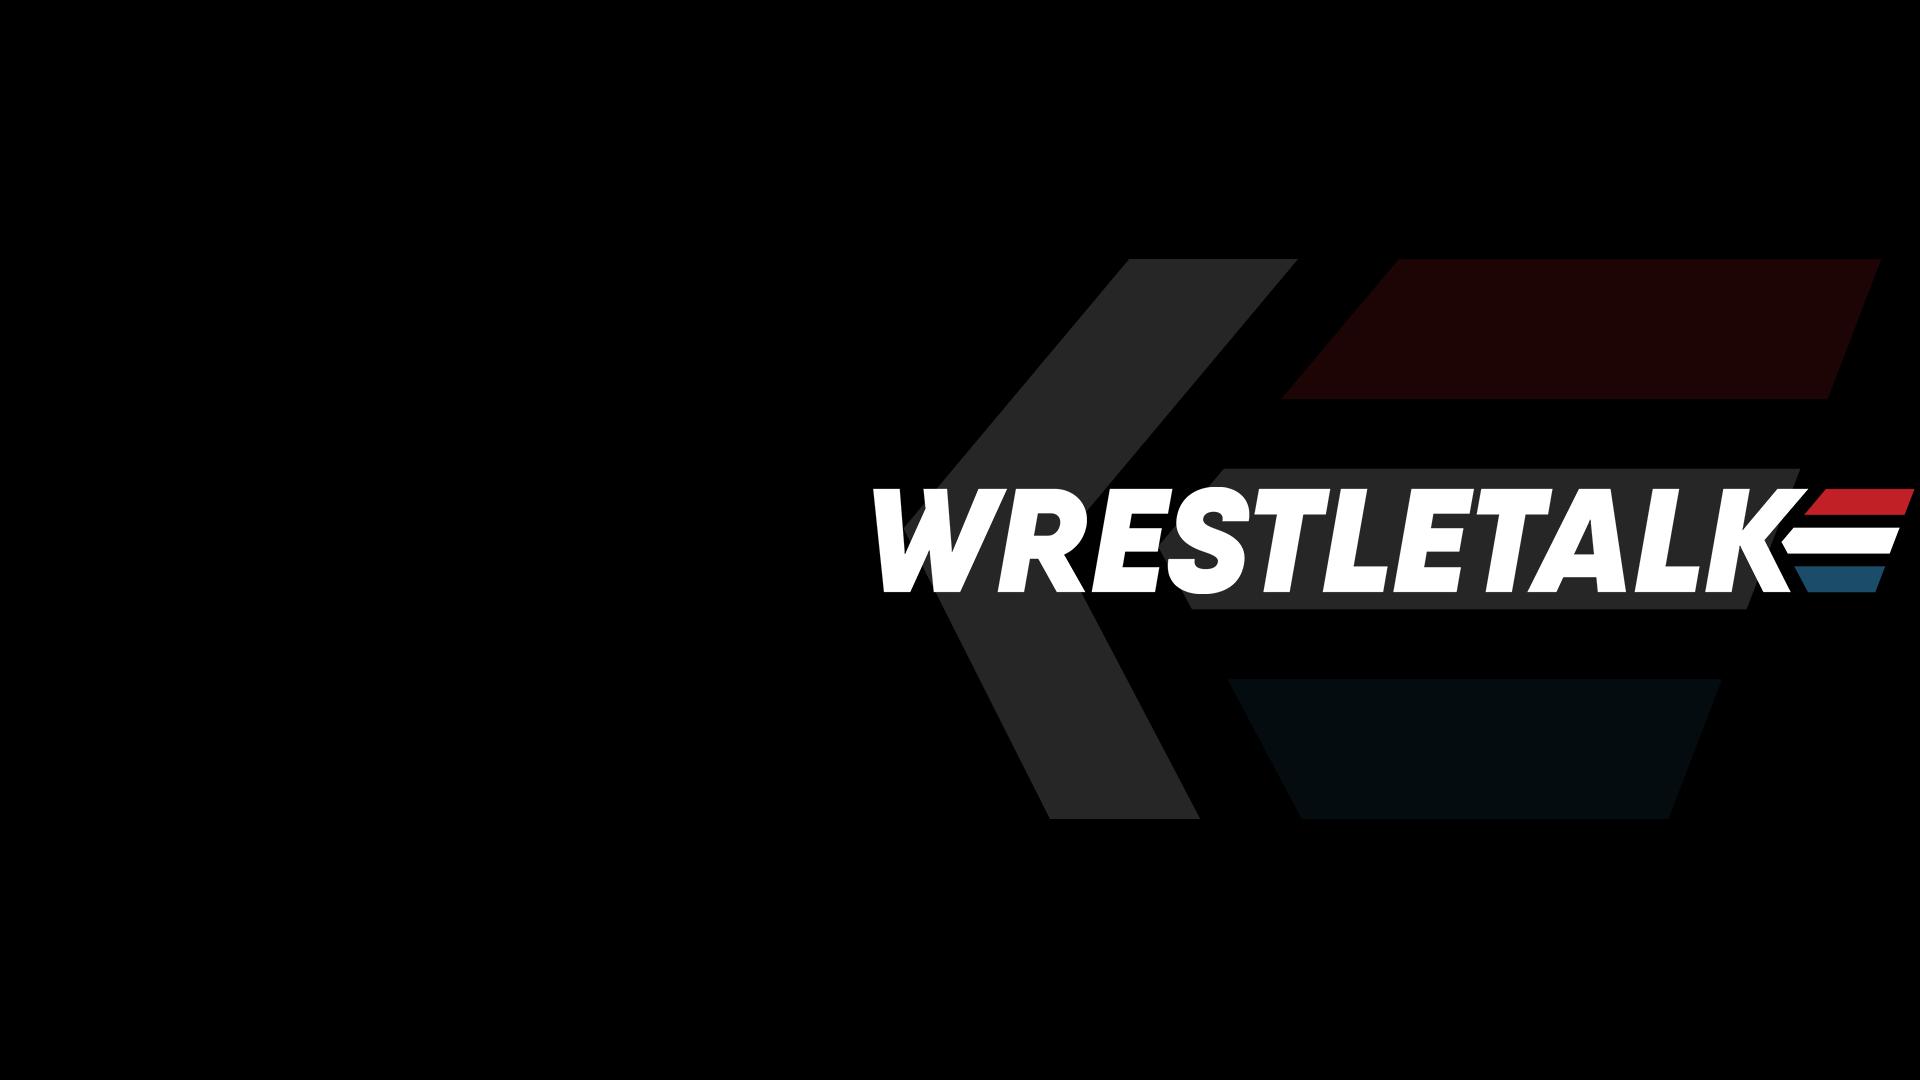 WrestleTalk